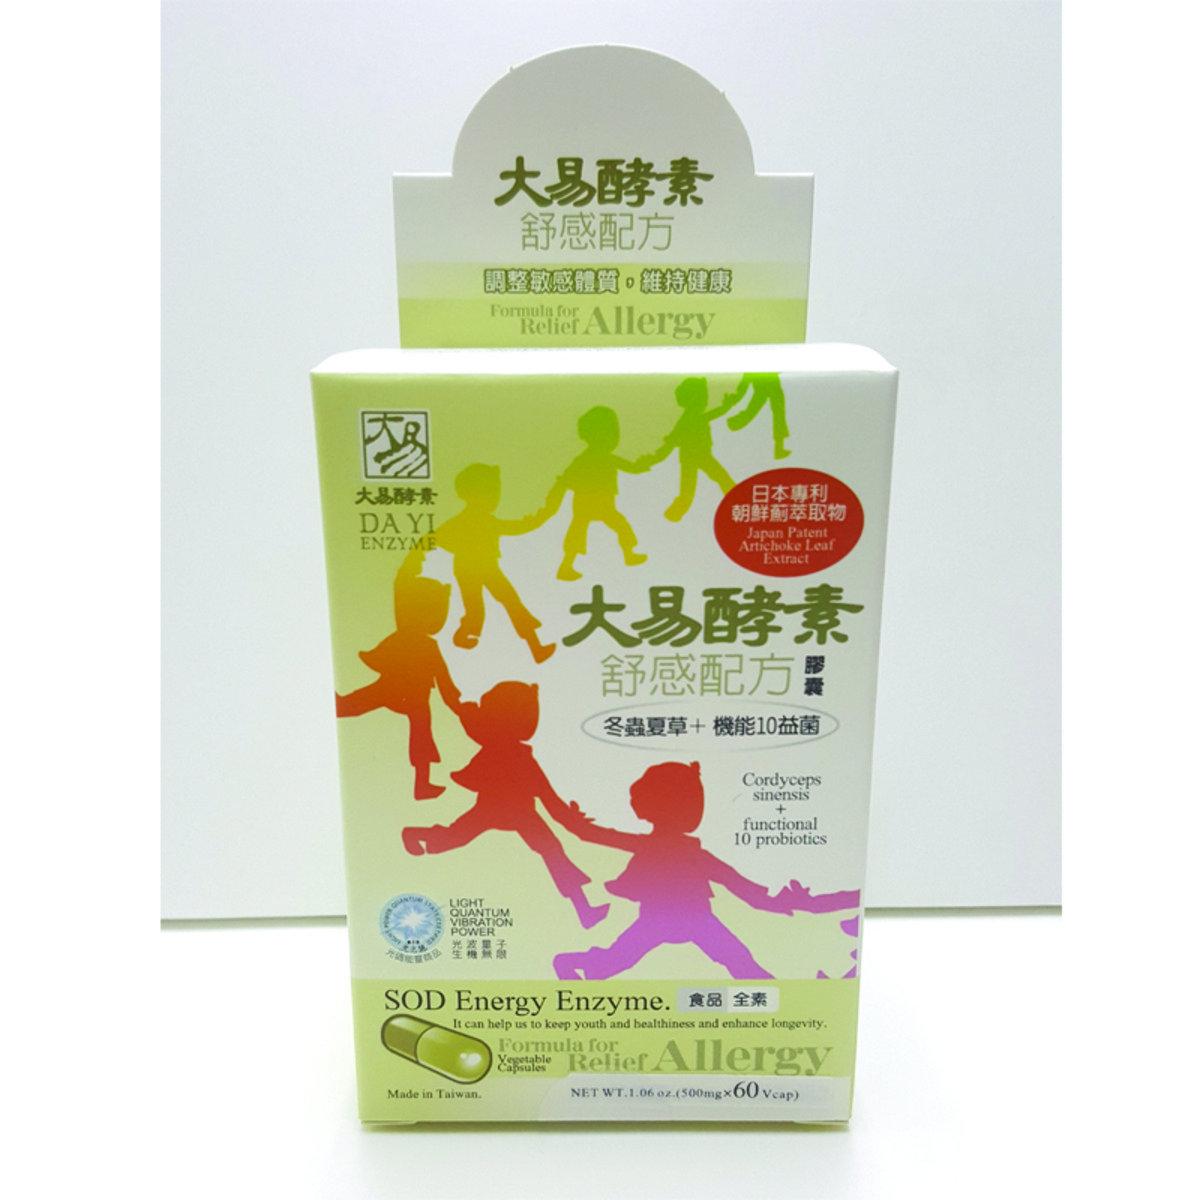 舒感配方(冬蟲夏草+機能10益菌 )SOD膠囊